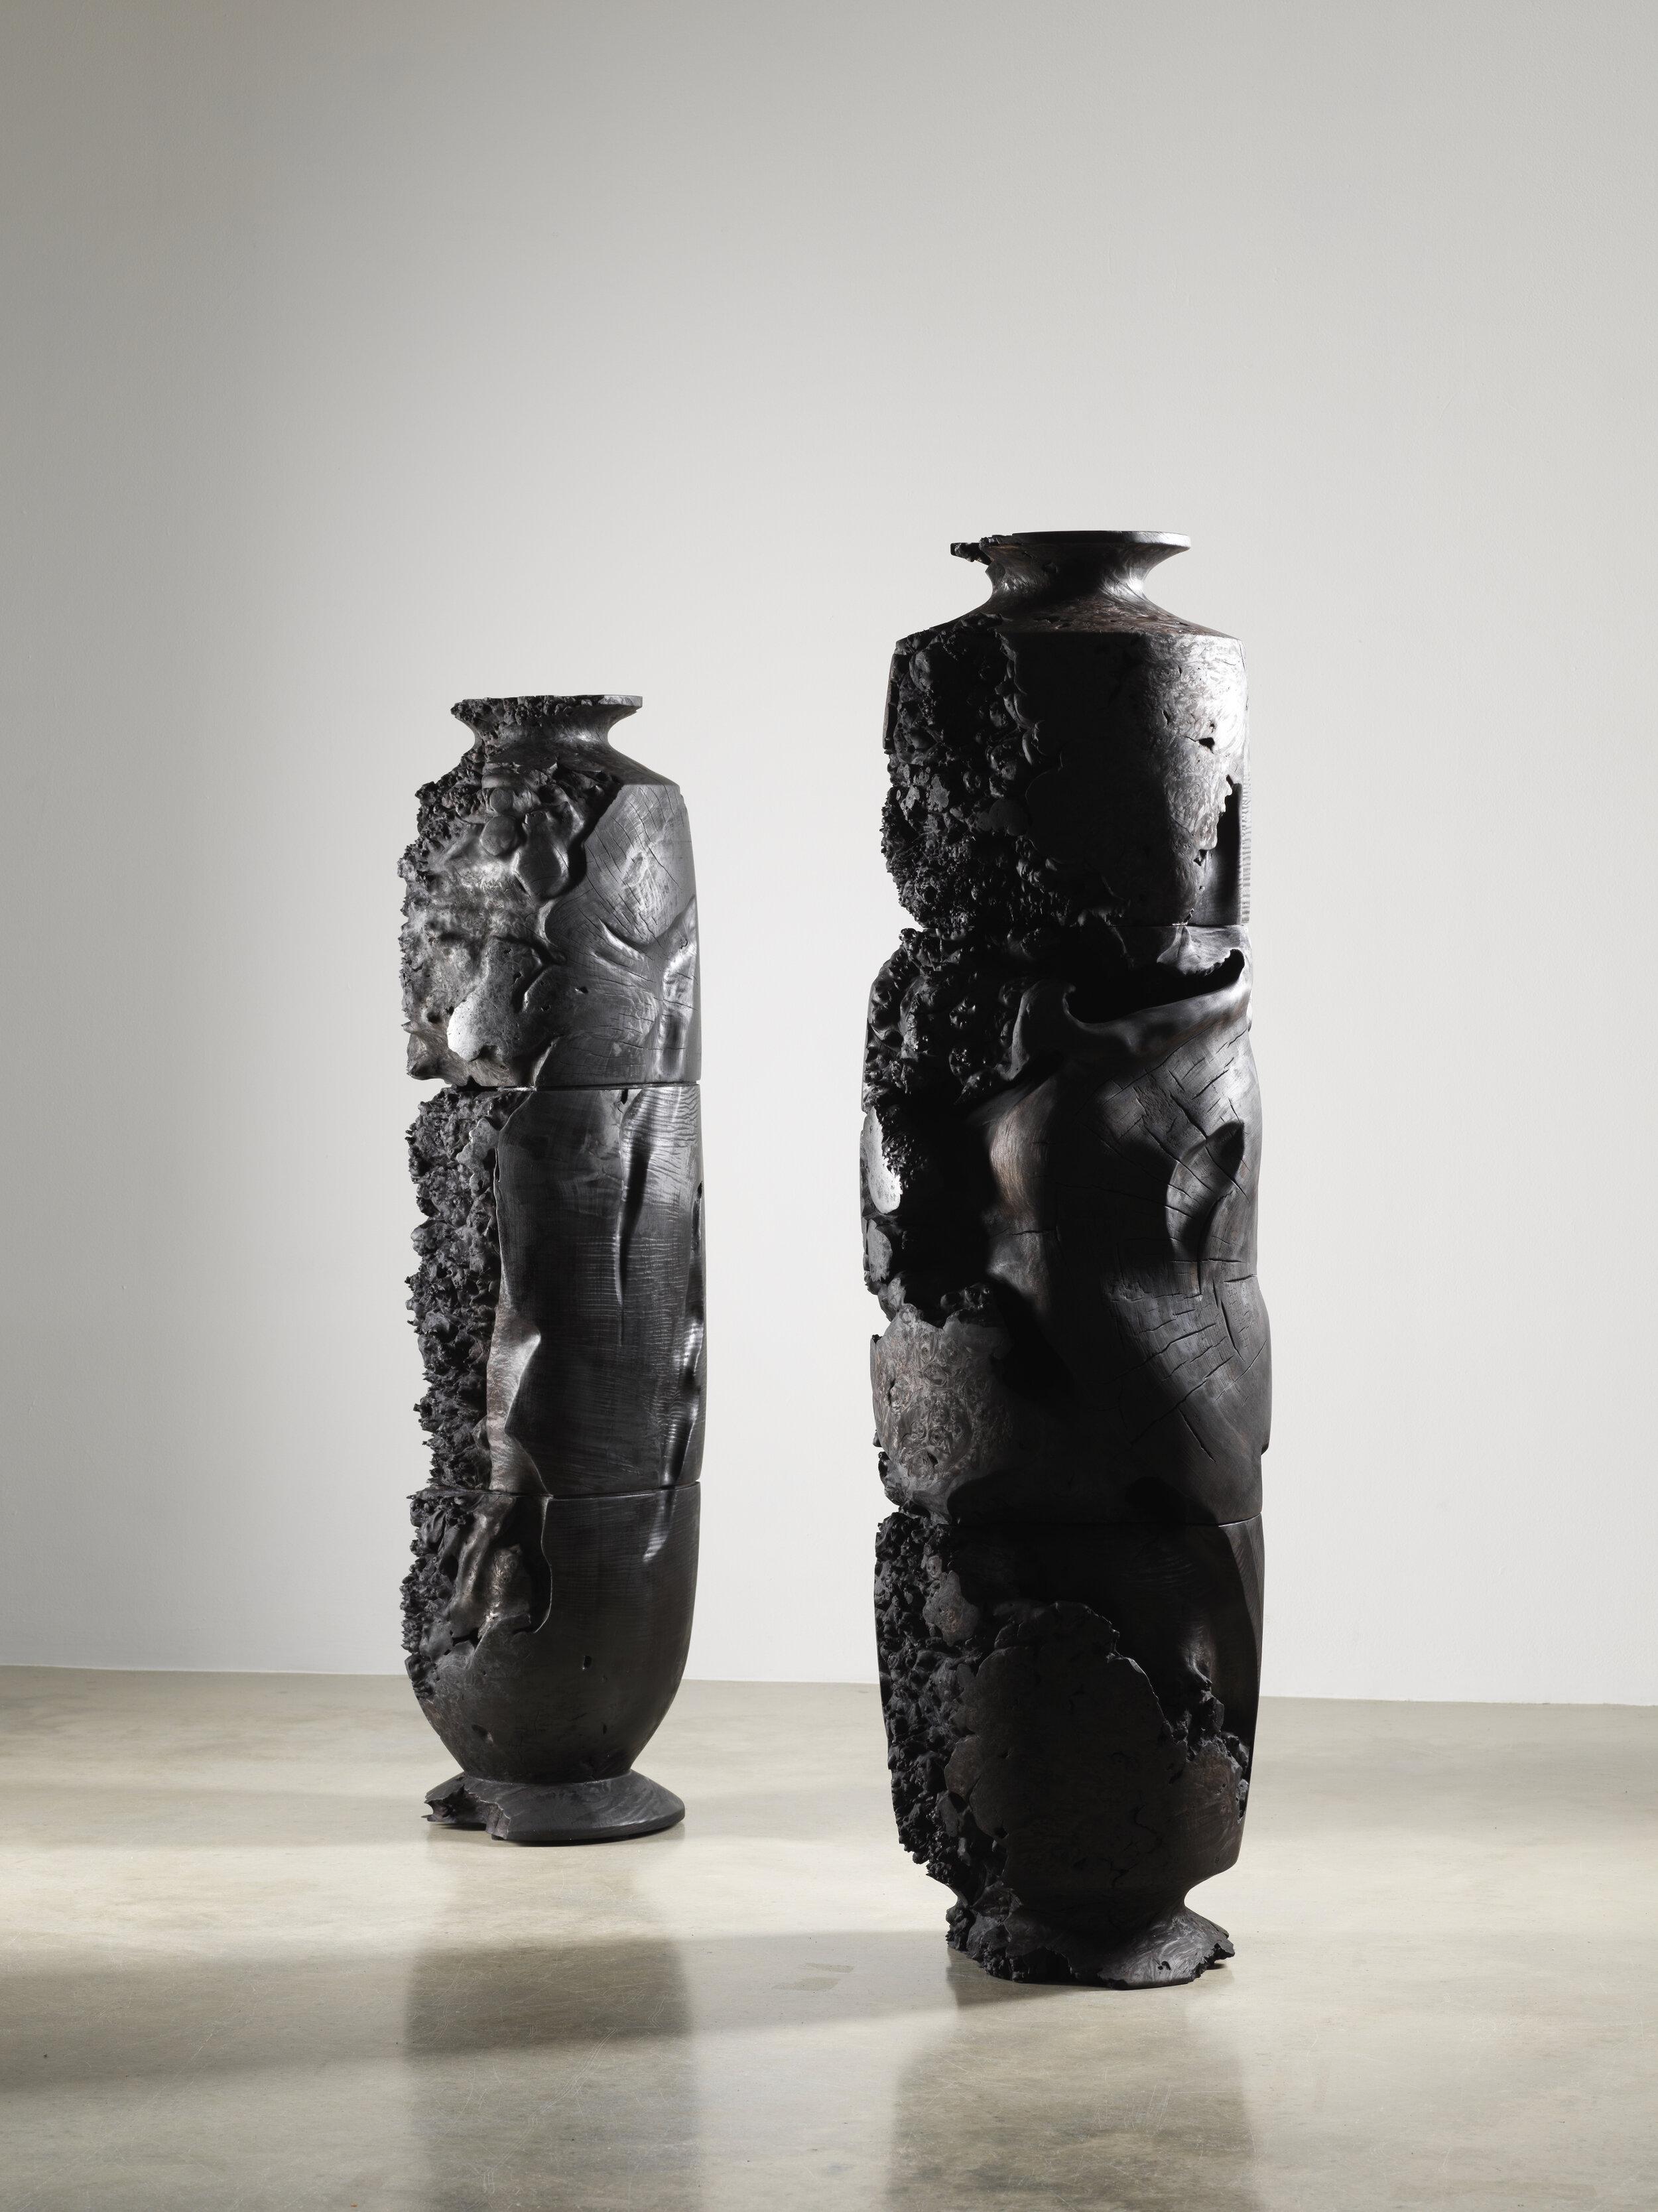 Coloumn Vessels